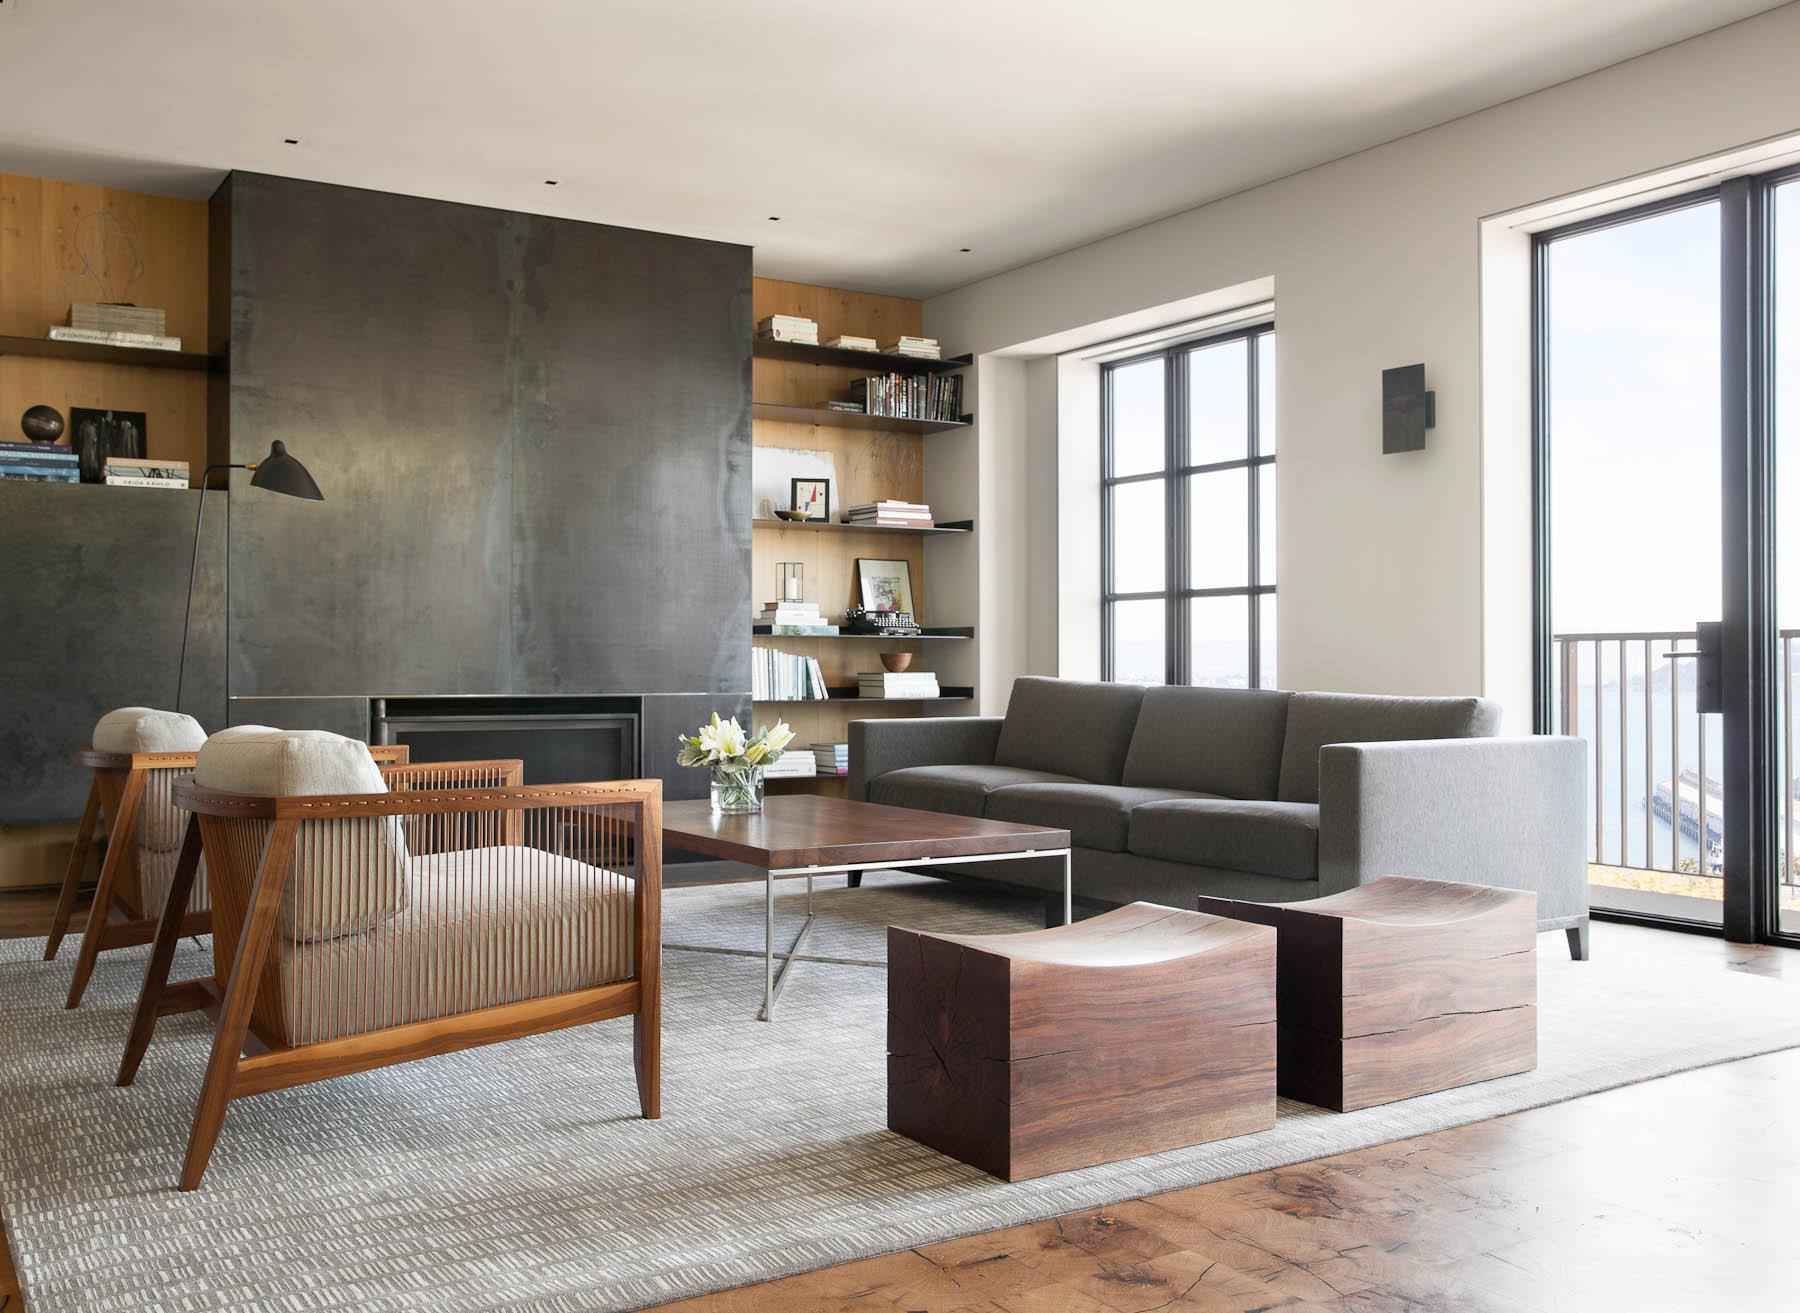 Niche.interiors.portfolio.interiors.living.1501113140.622417